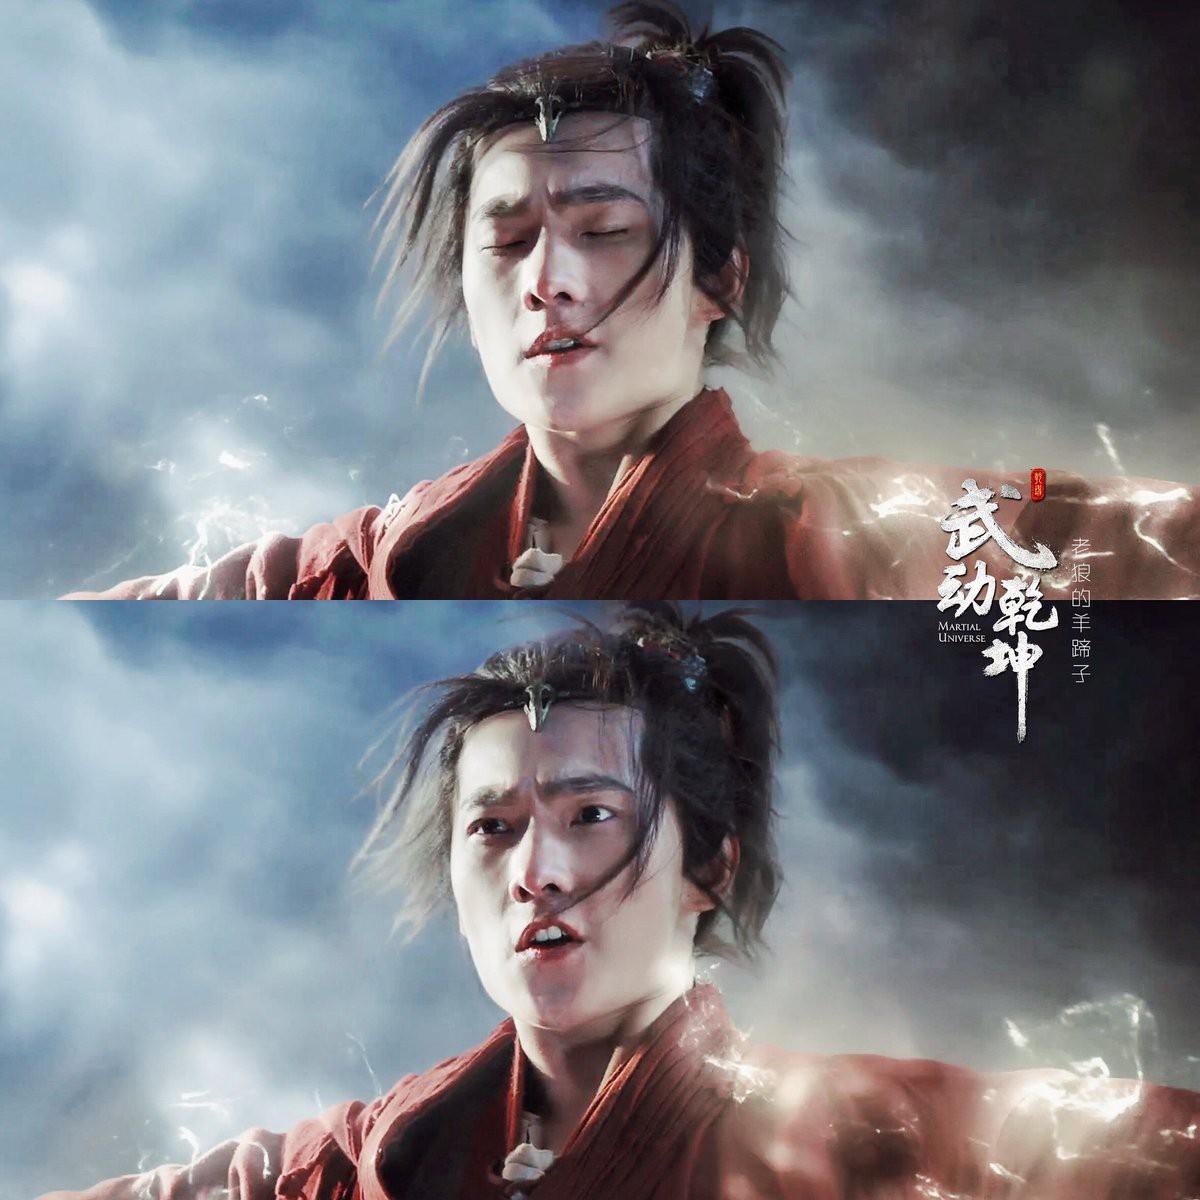 8 dự án truyền hình chuyển thể kỳ ảo xứ Trung đáng mong đợi trong năm 2018 (P.2) - Ảnh 9.